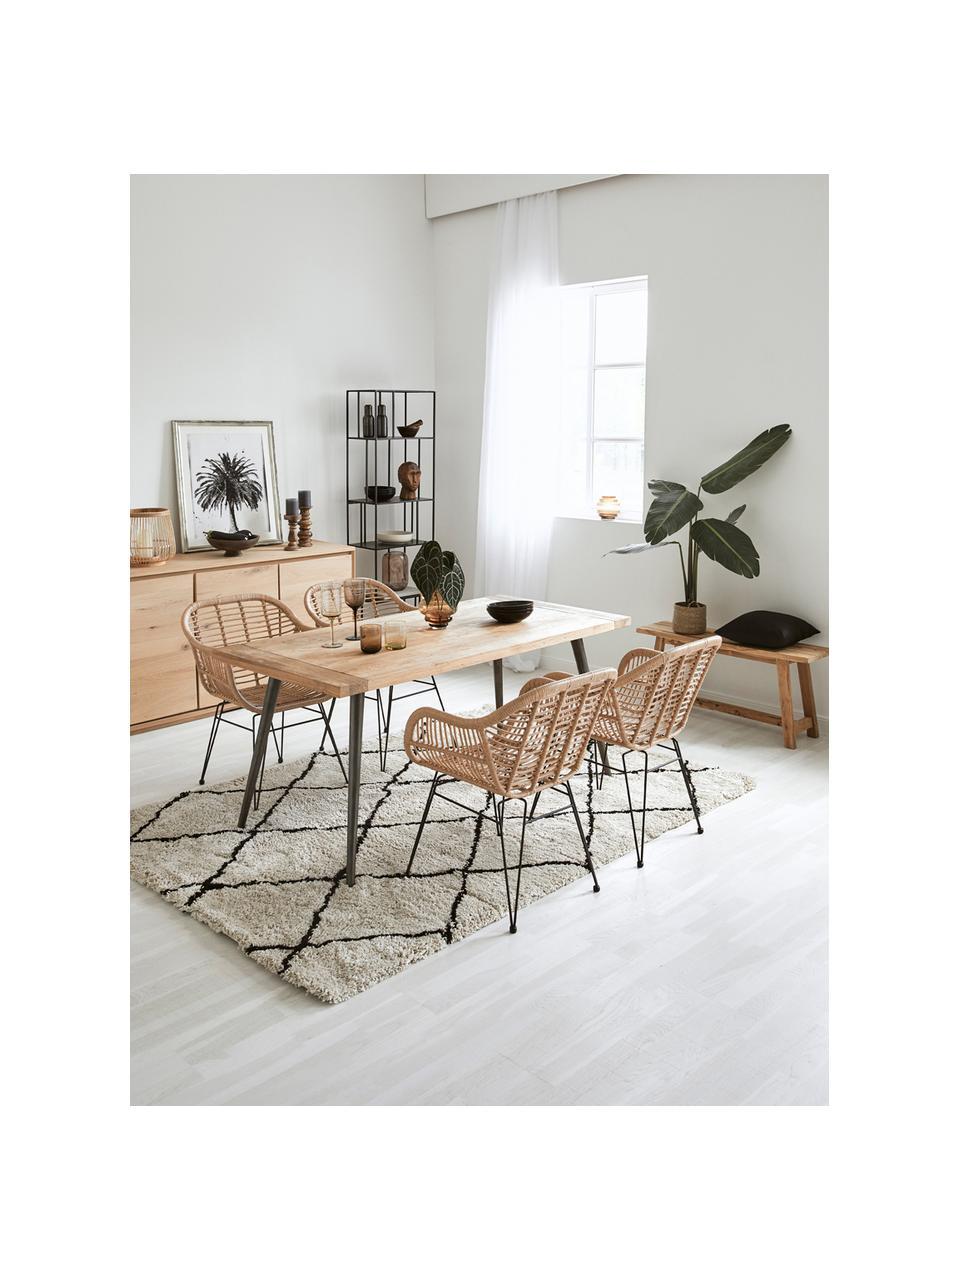 Polyratanová stolička s opierkami Costa, 2 ks, Svetlohnedá, čierna